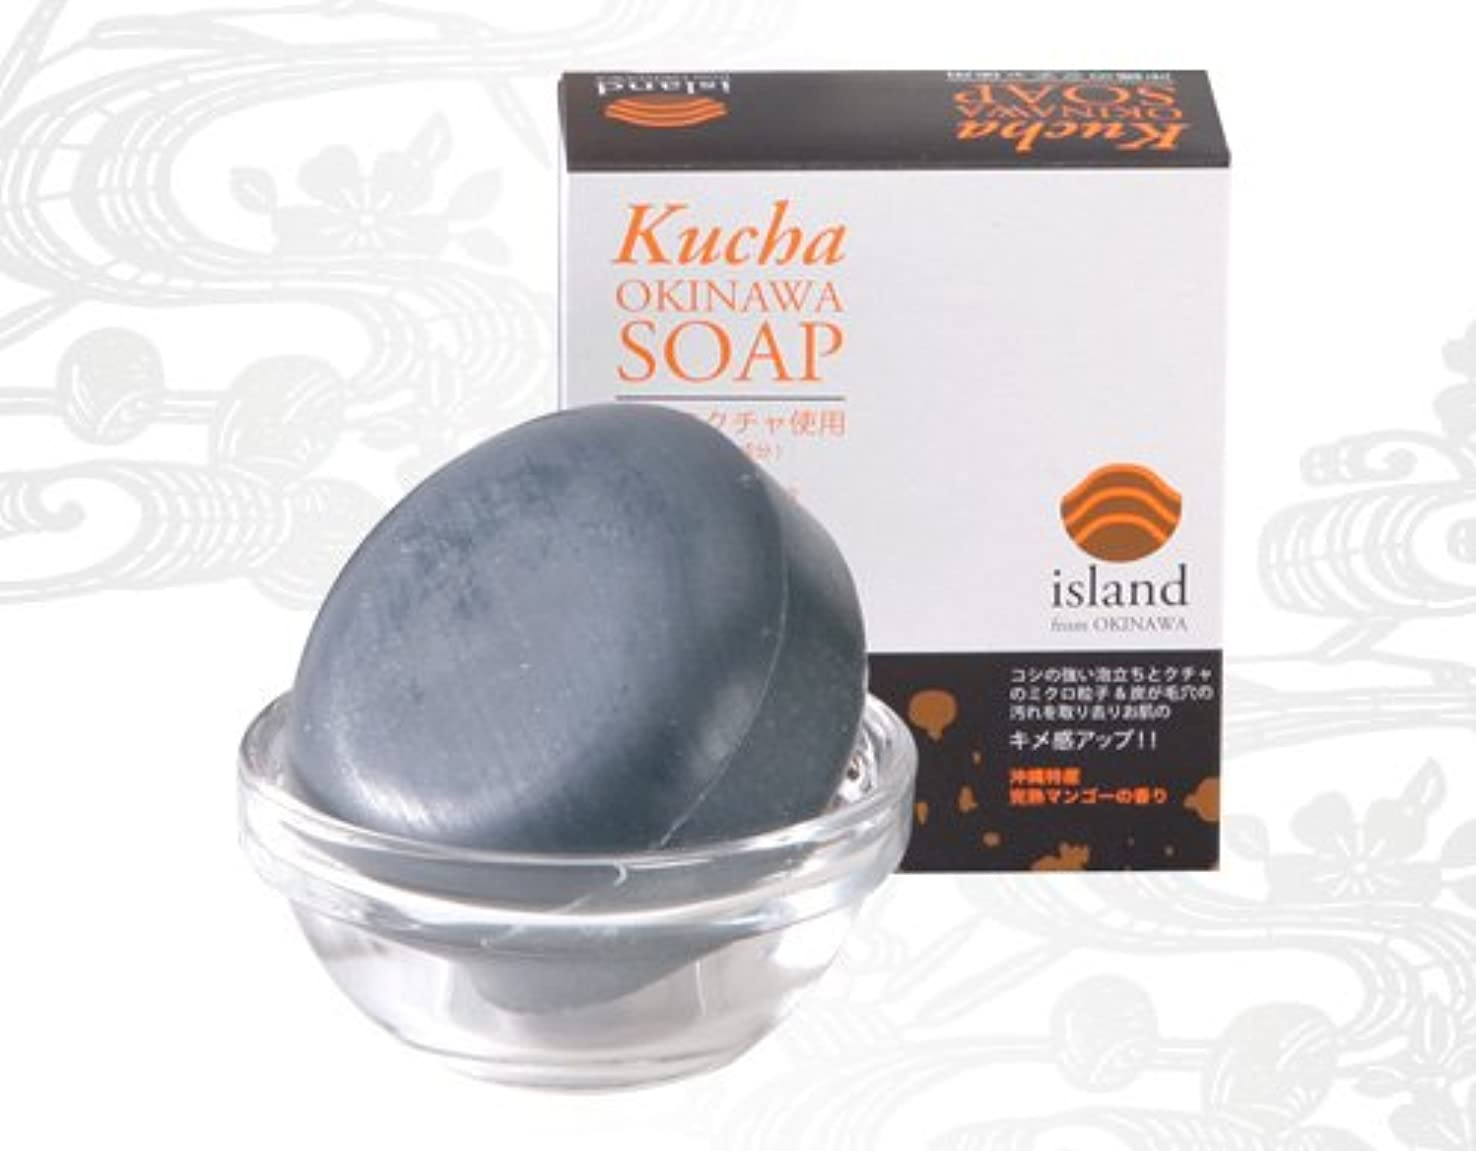 シロナガスクジラ好きオーストラリア人くちゃ OKINAWA SOAP 90g×3個 アイランド 沖縄特産「くちゃ」配合の無添加石けん ミクロの泥で毛穴スッキリ、つるつる素肌!